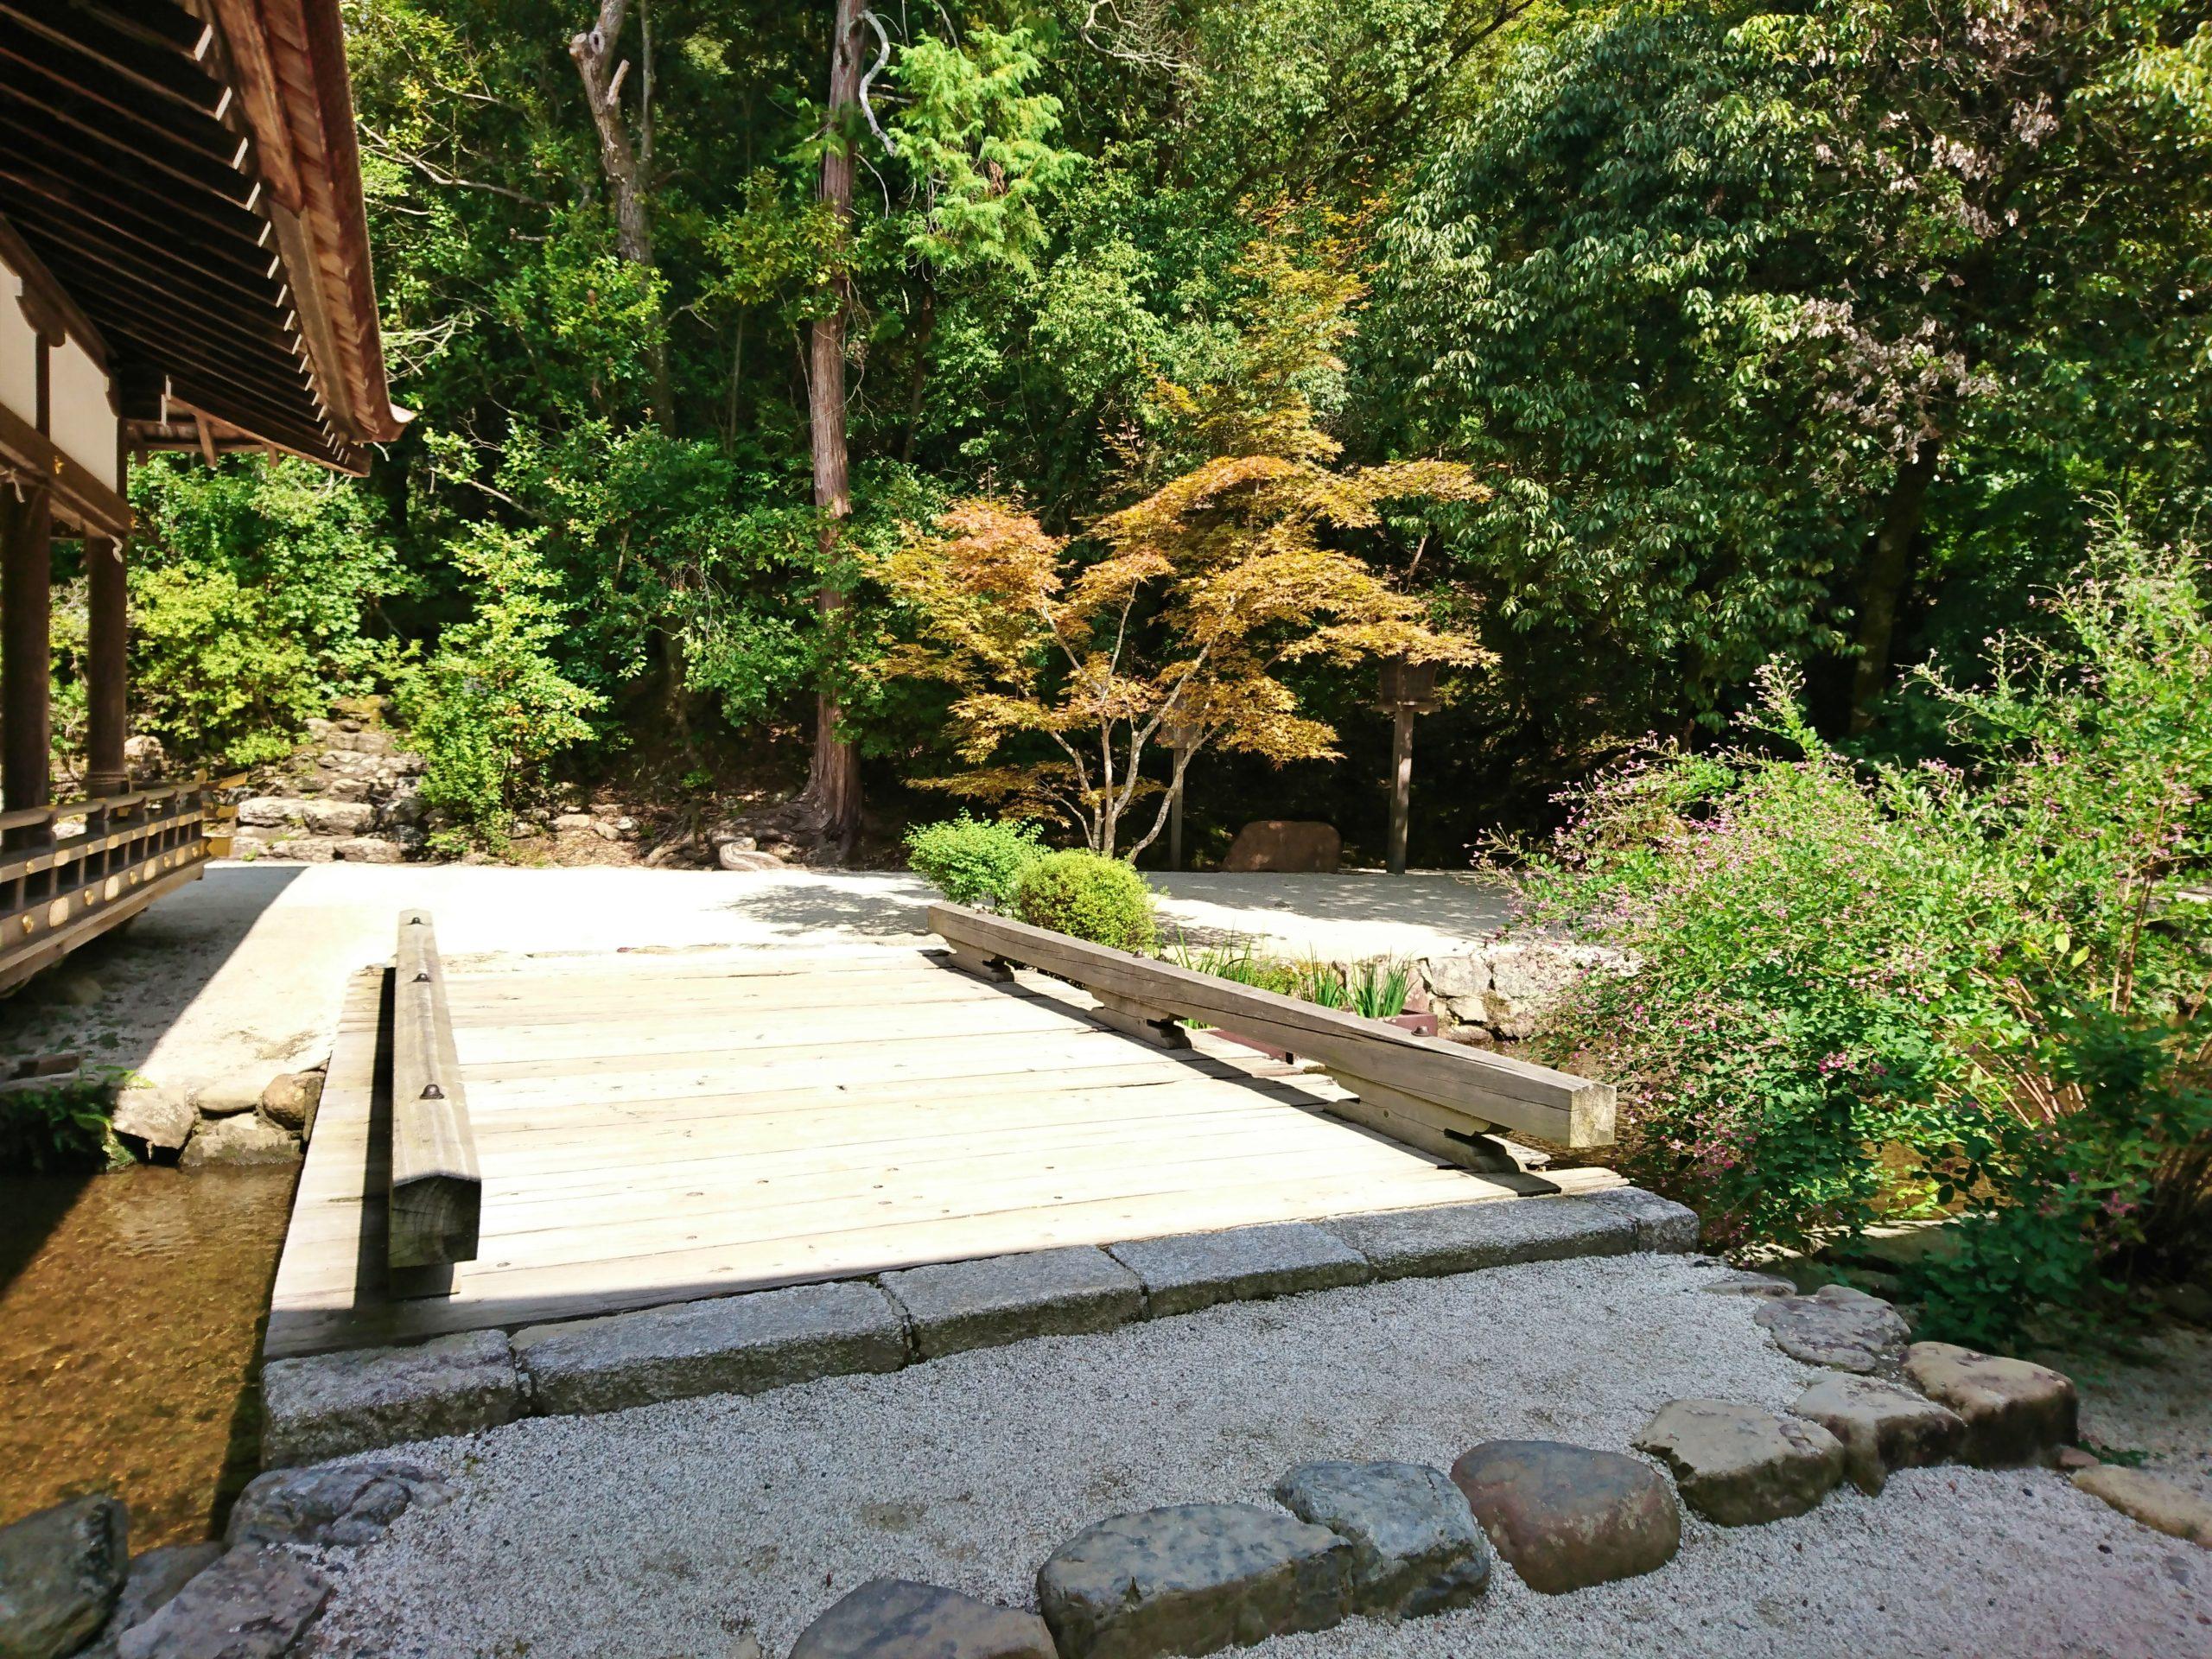 上賀茂神社の境内・橋殿の横にある橋